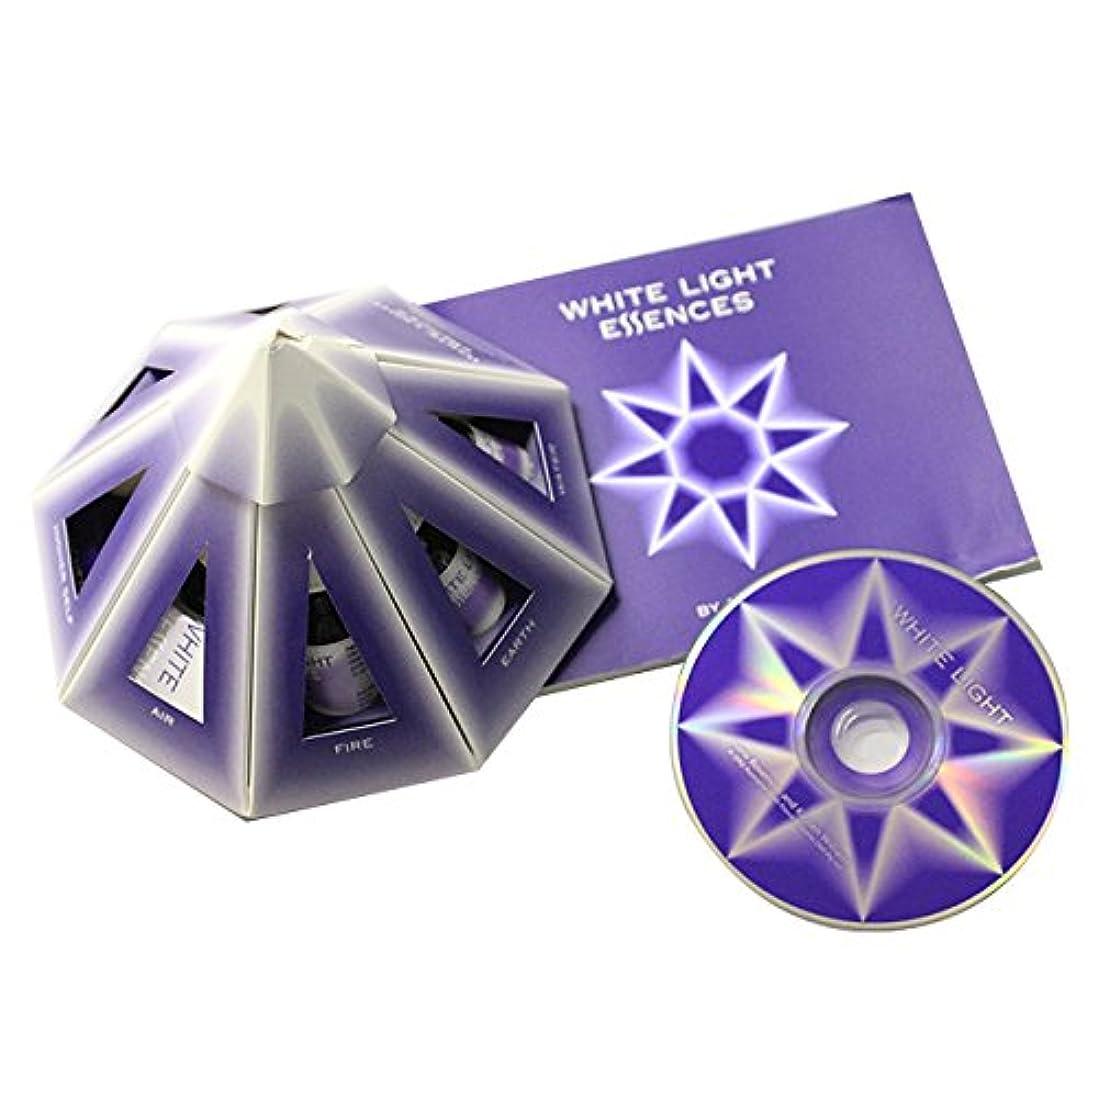 百年流星細分化するオーストラリアンブッシュ/ホワイトライト[ホワイトライト?ピラミッドパック(全7本セット?CD?和訳入)]